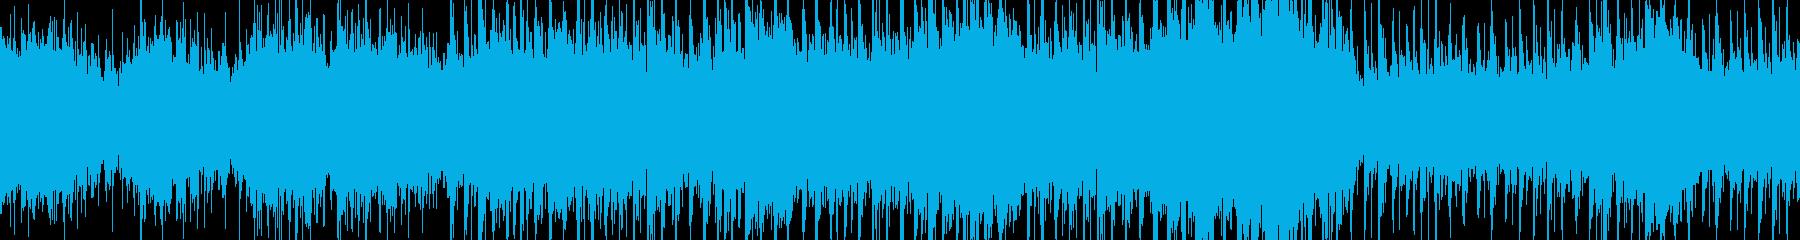 ループ:夜を彩るアダルトな女性Voハウスの再生済みの波形